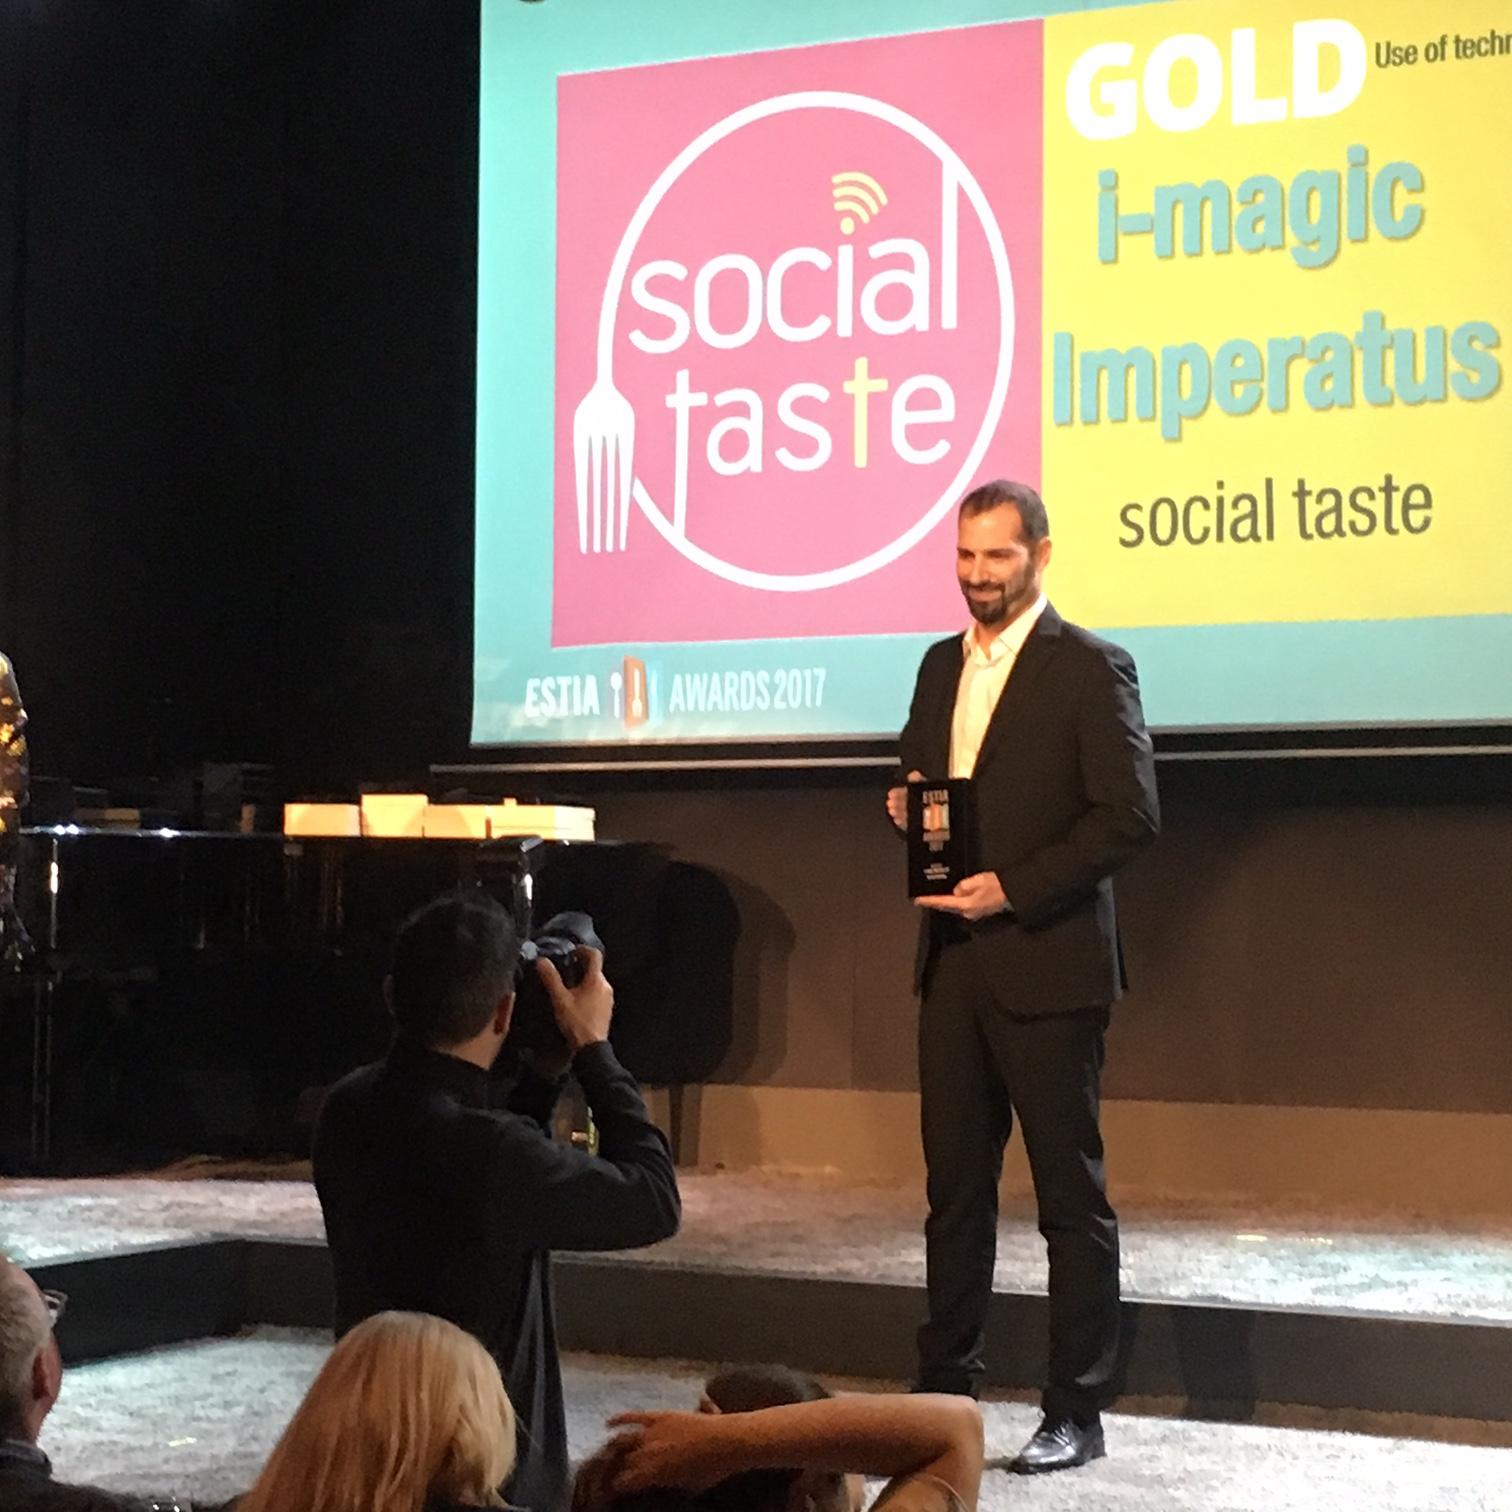 Estia Awards 2017